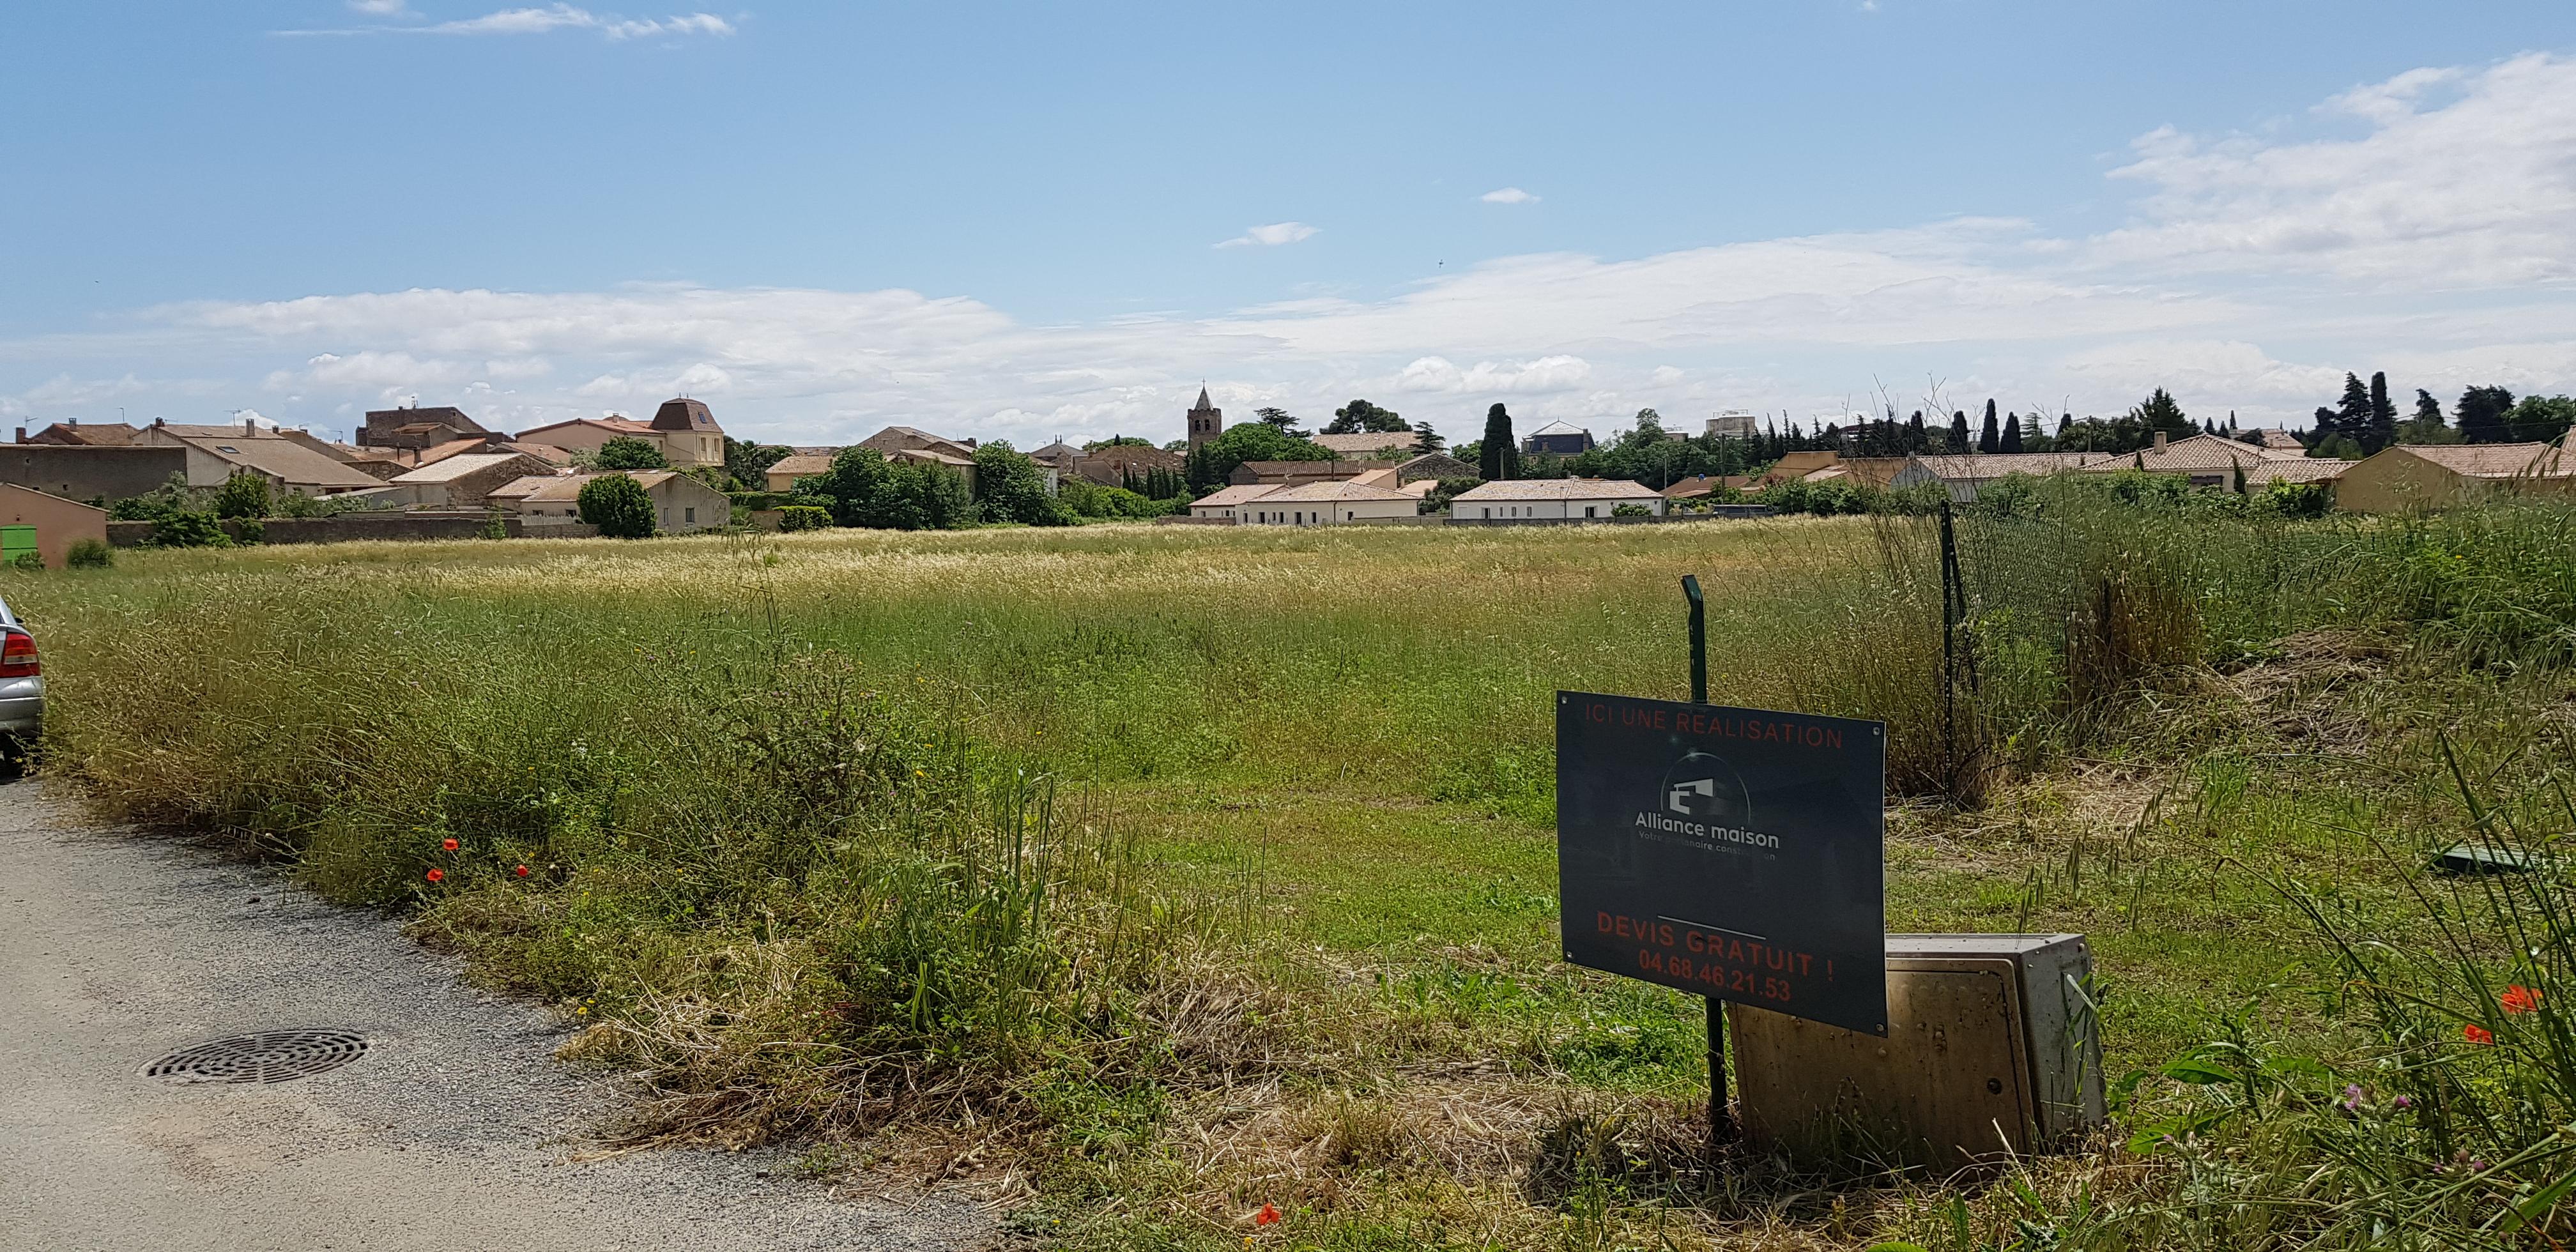 Terrains du constructeur ALLIANCE MAISON • 506 m² • ARGELIERS